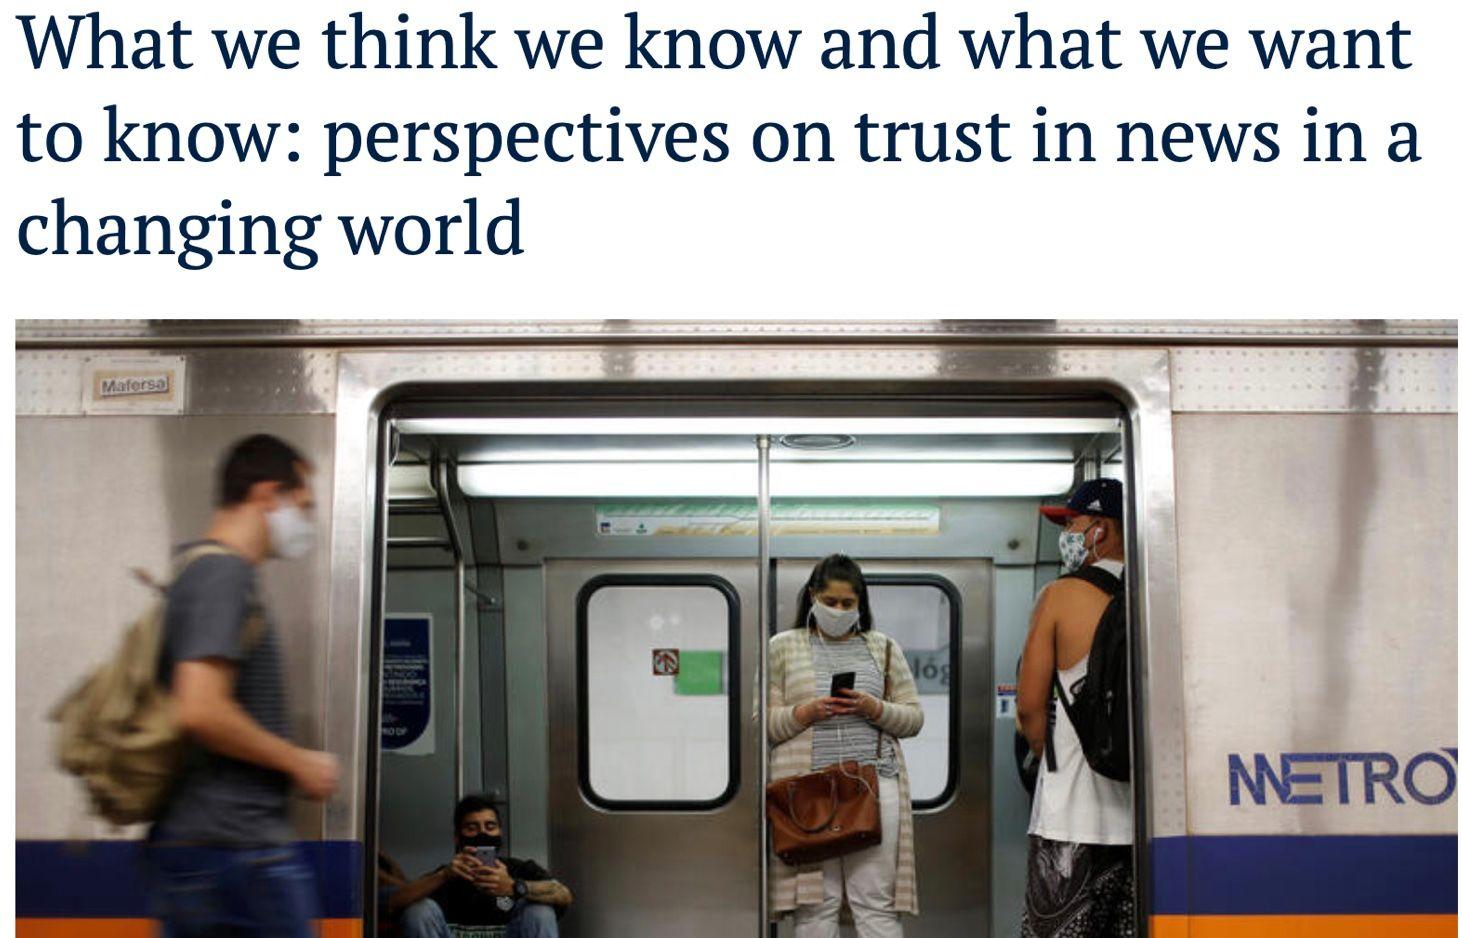 [번역] 우리가 알고 있다고 생각하는 것과 알고 싶어 하는 것 : 변화하는 세계에서 뉴스 신뢰에 대한 관점들